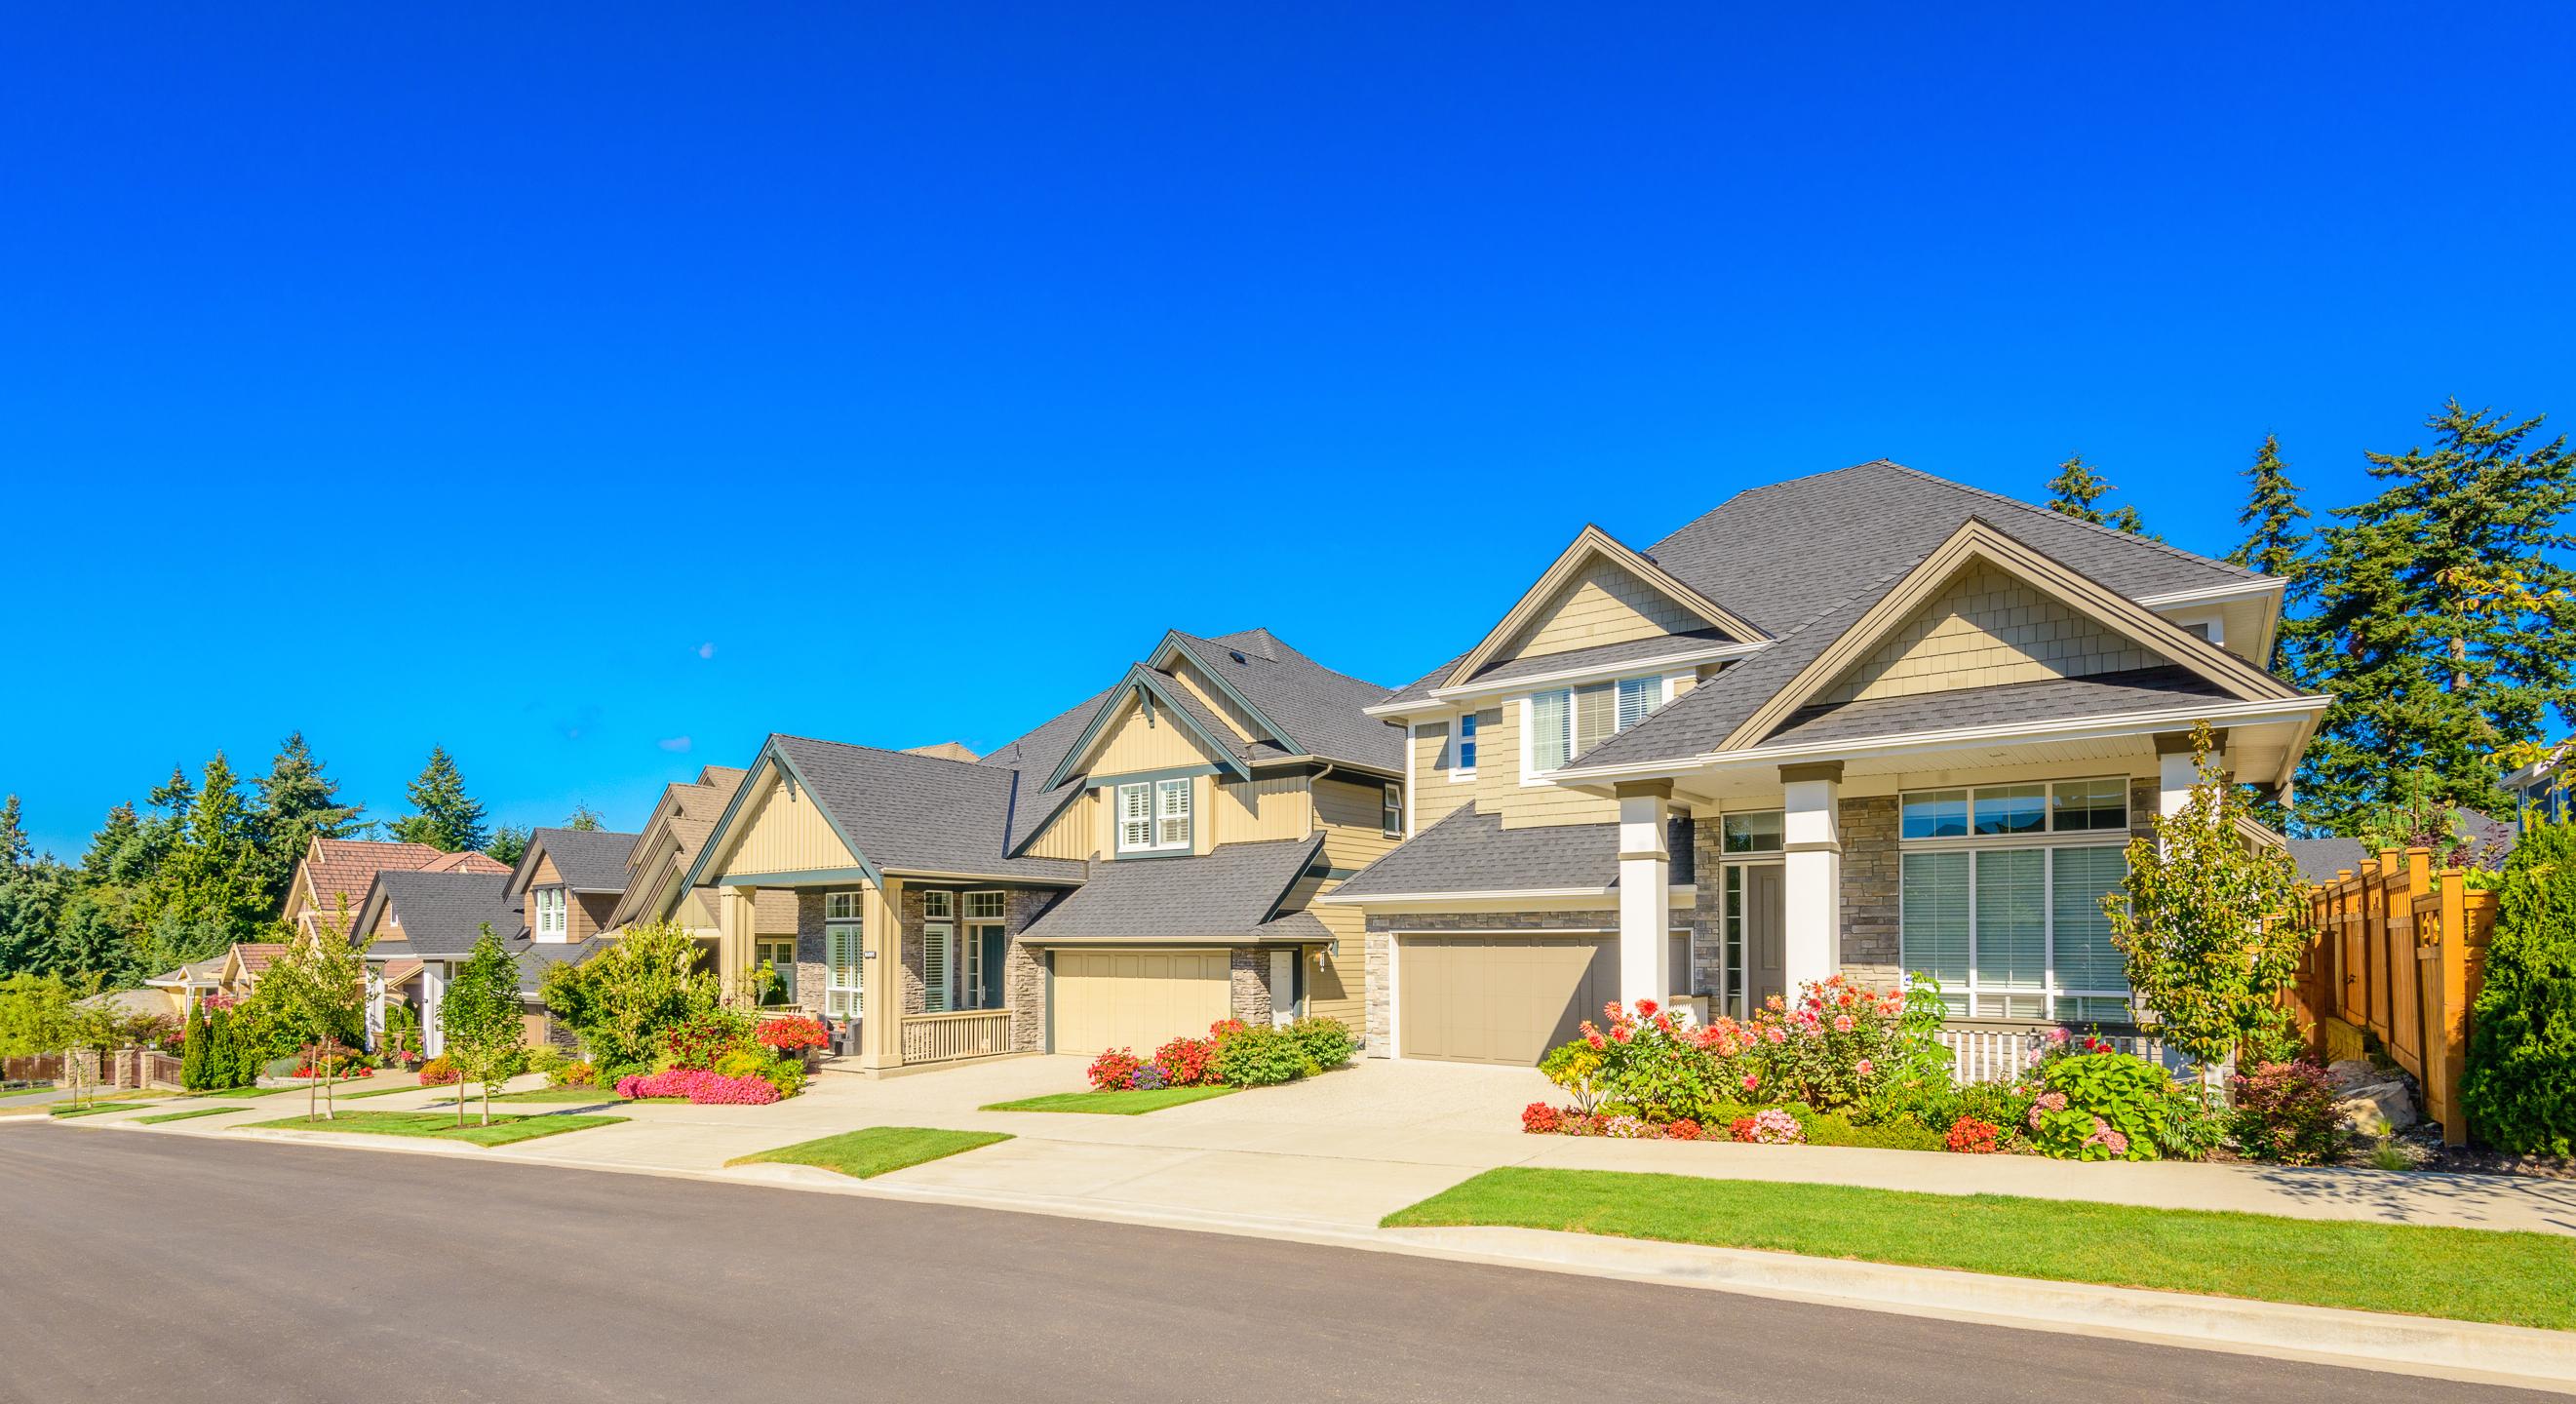 Fullsize Of Houses For Sale In